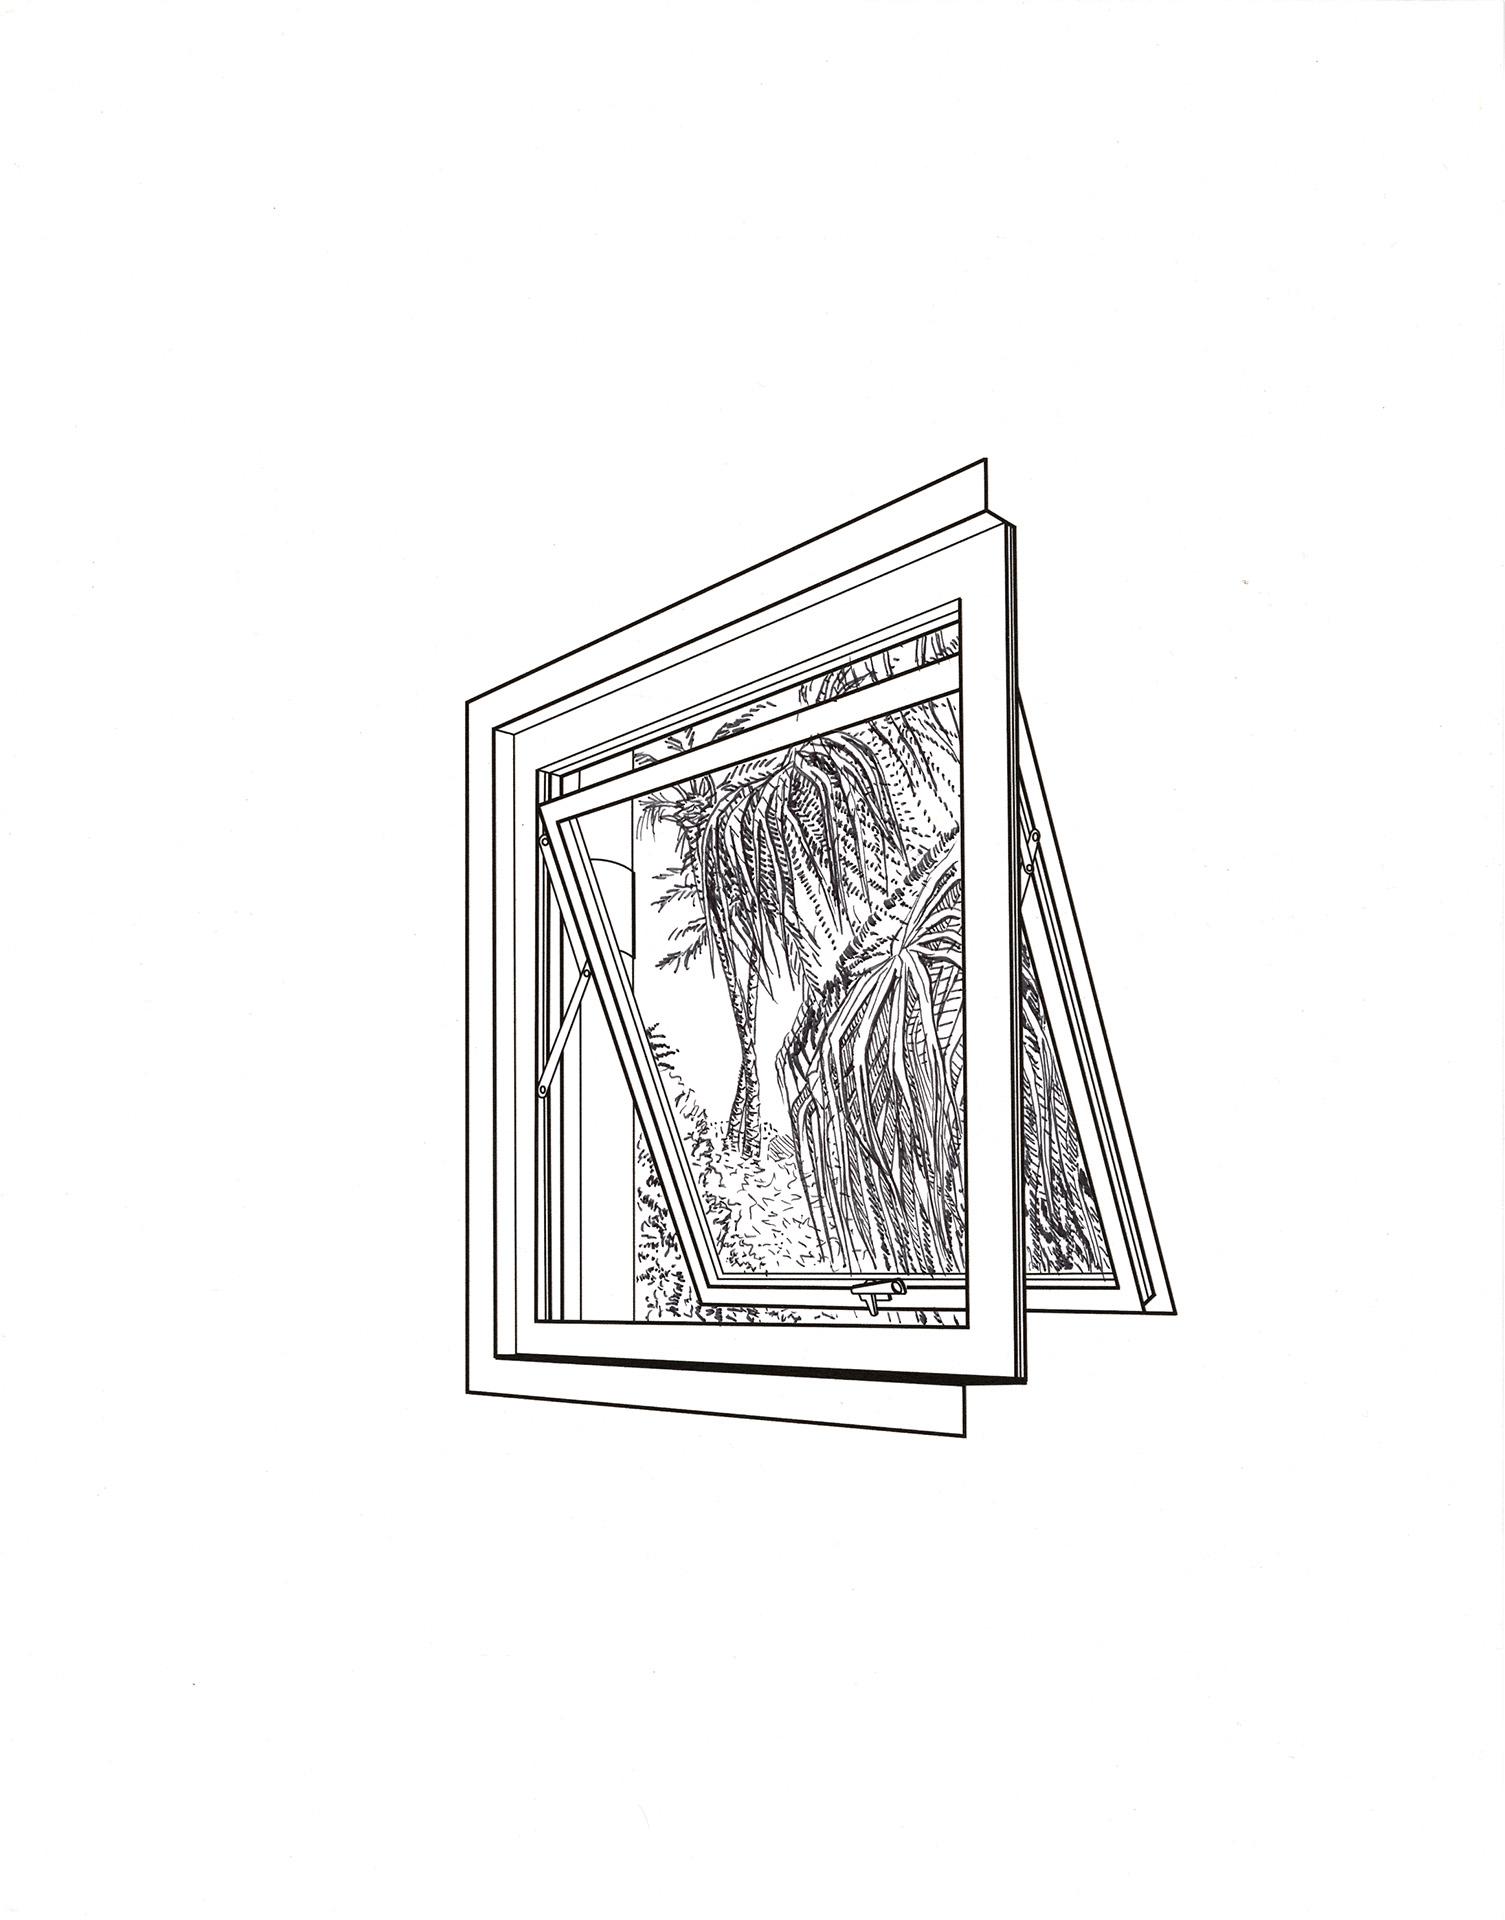 Window Drawing 3.12.18